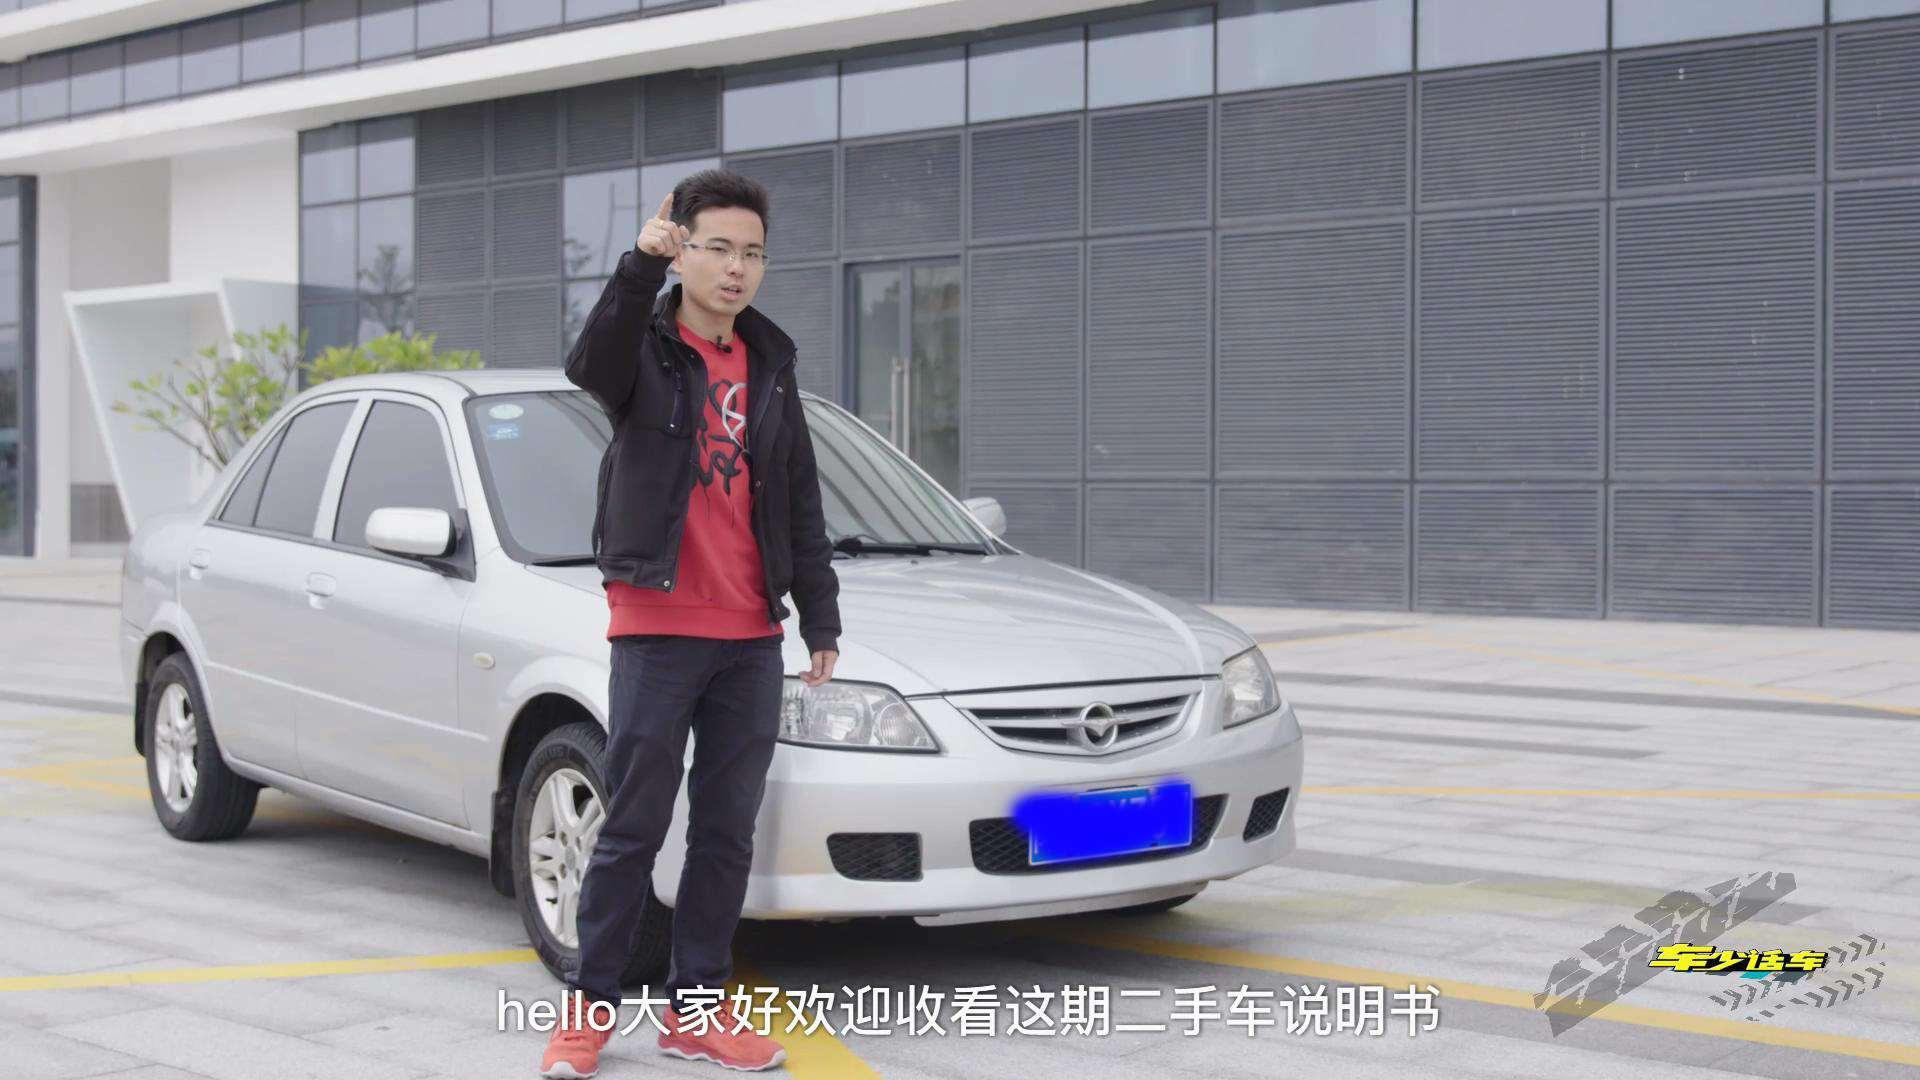 万元购入傻傻分不清楚车型,到底是福美来还是海福星